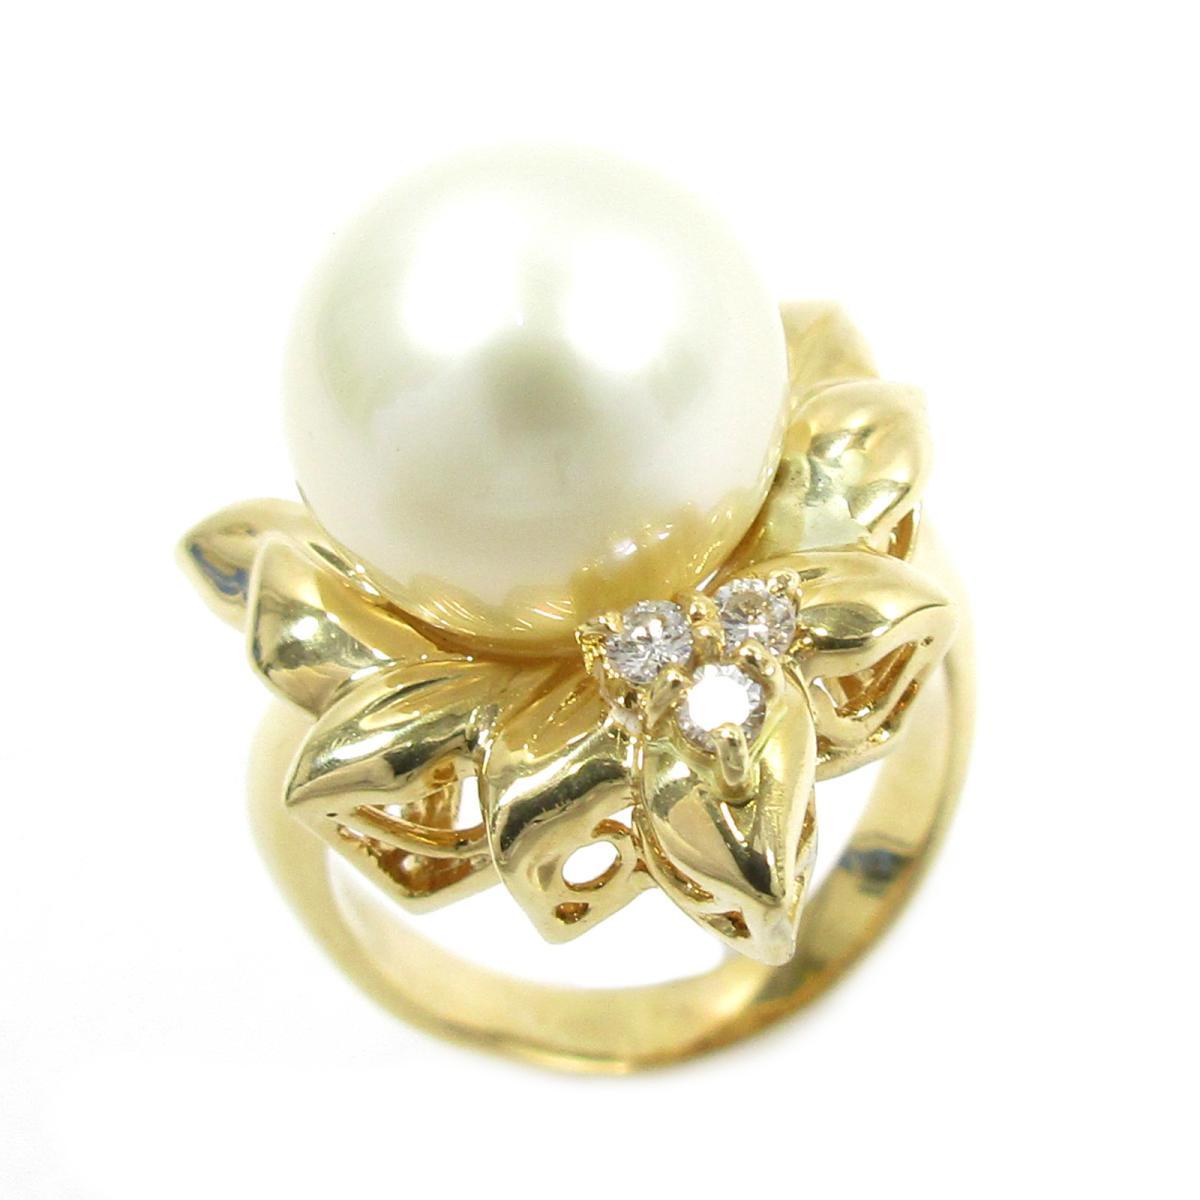 ジュエリー パールリング 指輪 ノーブランドジュエリー レディース K18YG (750) イエローゴールド X パール11.3mm ダイヤモンド0.09ct ゴールド クリアー ホワイト 【中古】 | ブランド